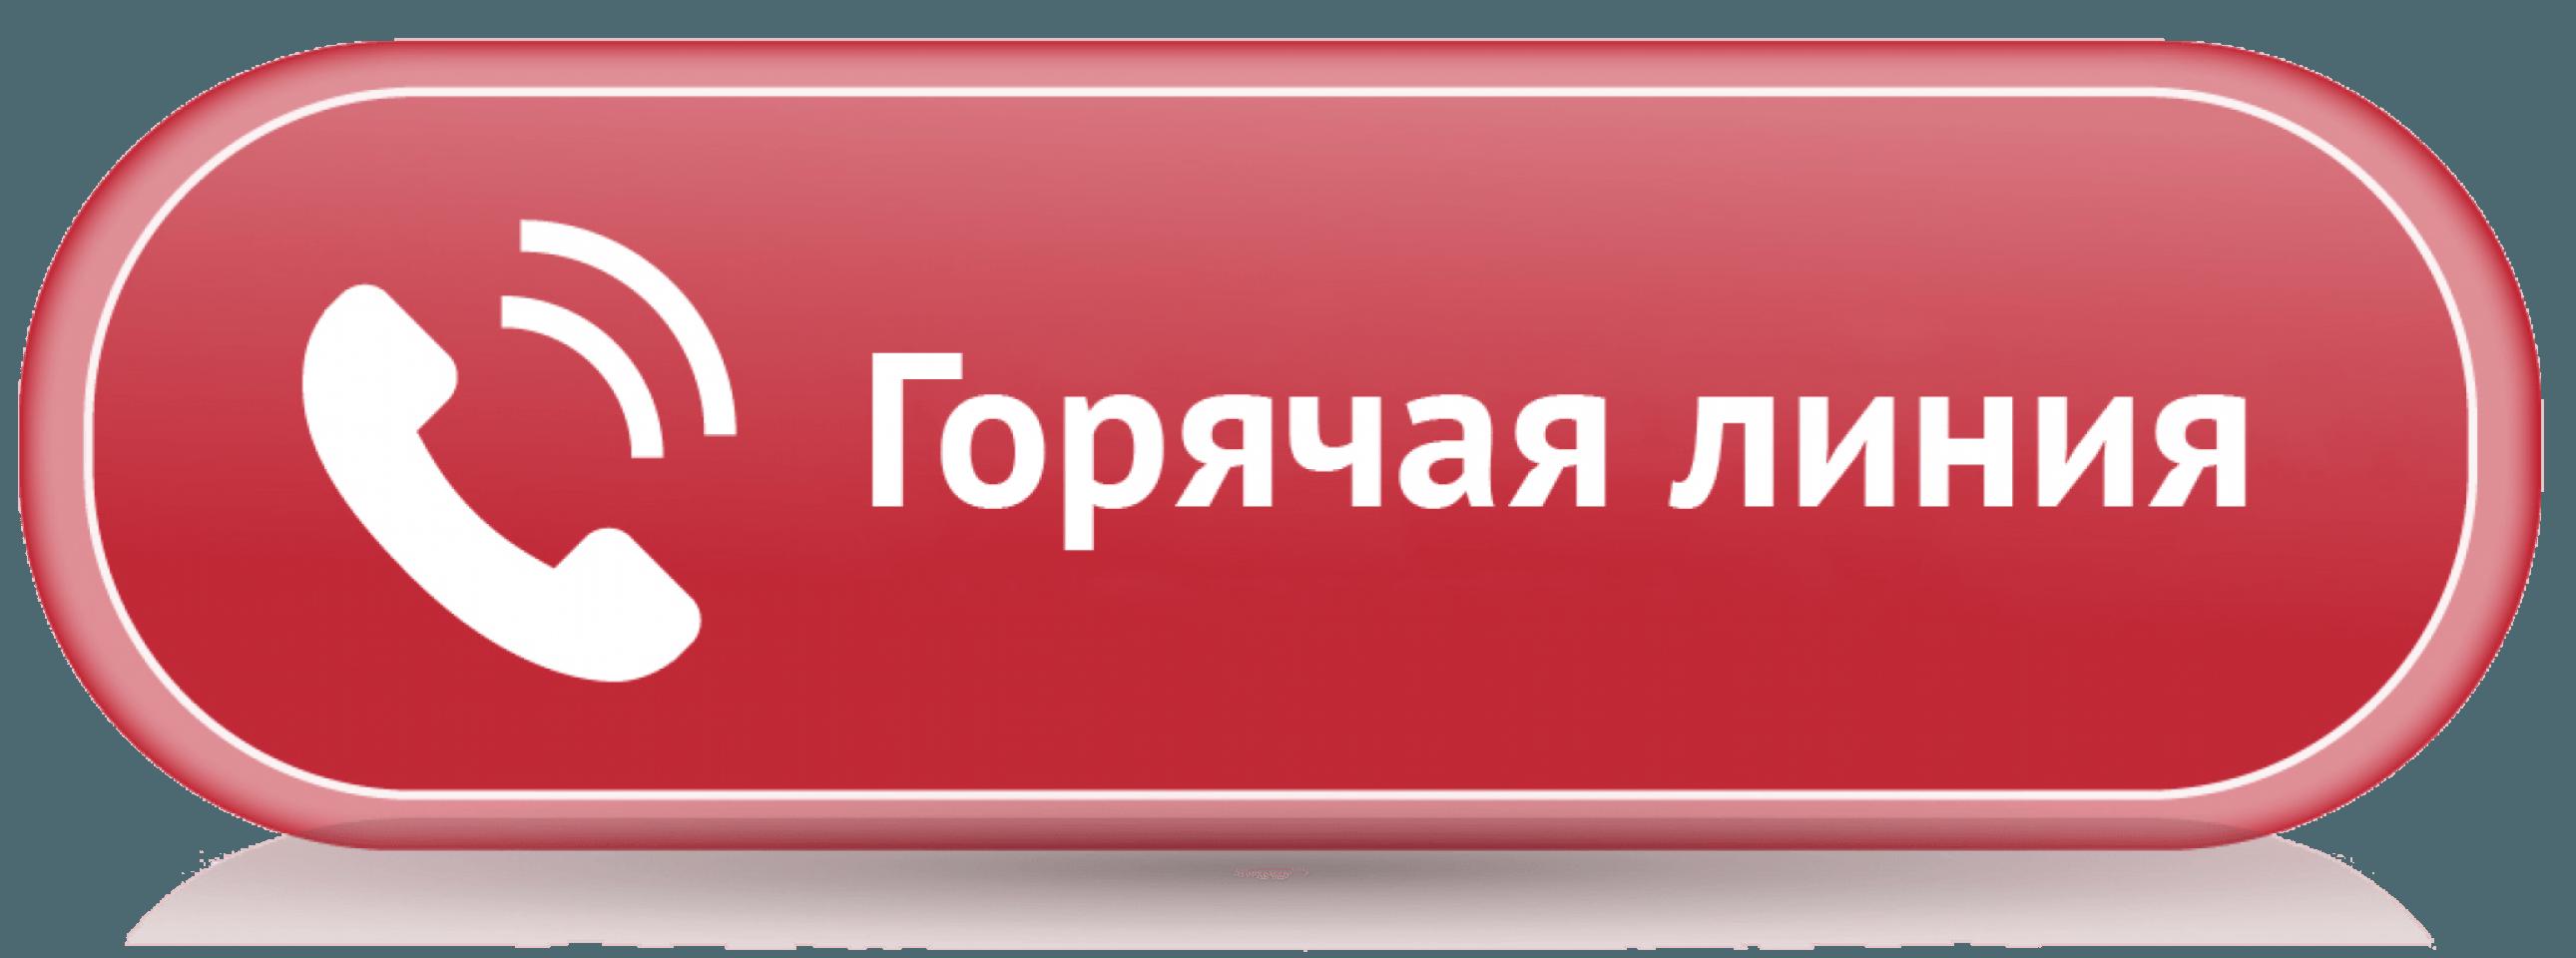 Бесплатная горячая линия для жен, родителей, чьи дети употребляют наркотики или алкоголь в Перми, Екатеринбурге